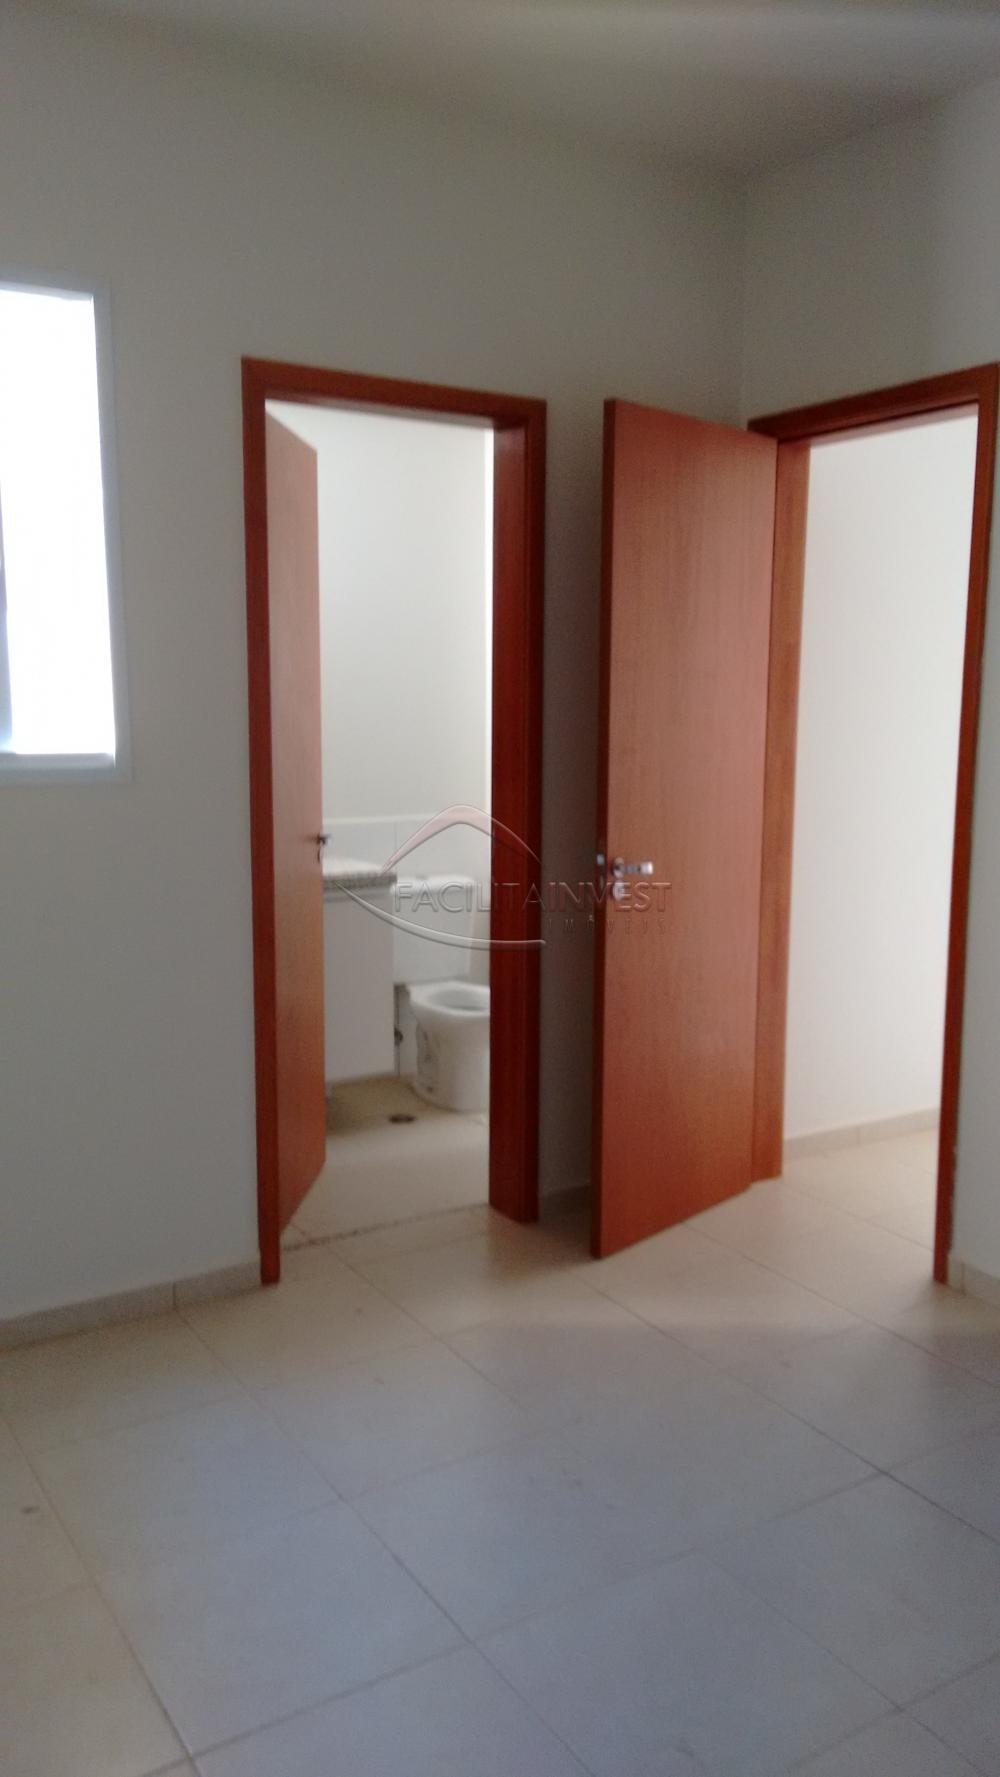 Alugar Apartamentos / Apart. Padrão em Ribeirão Preto apenas R$ 600,00 - Foto 7